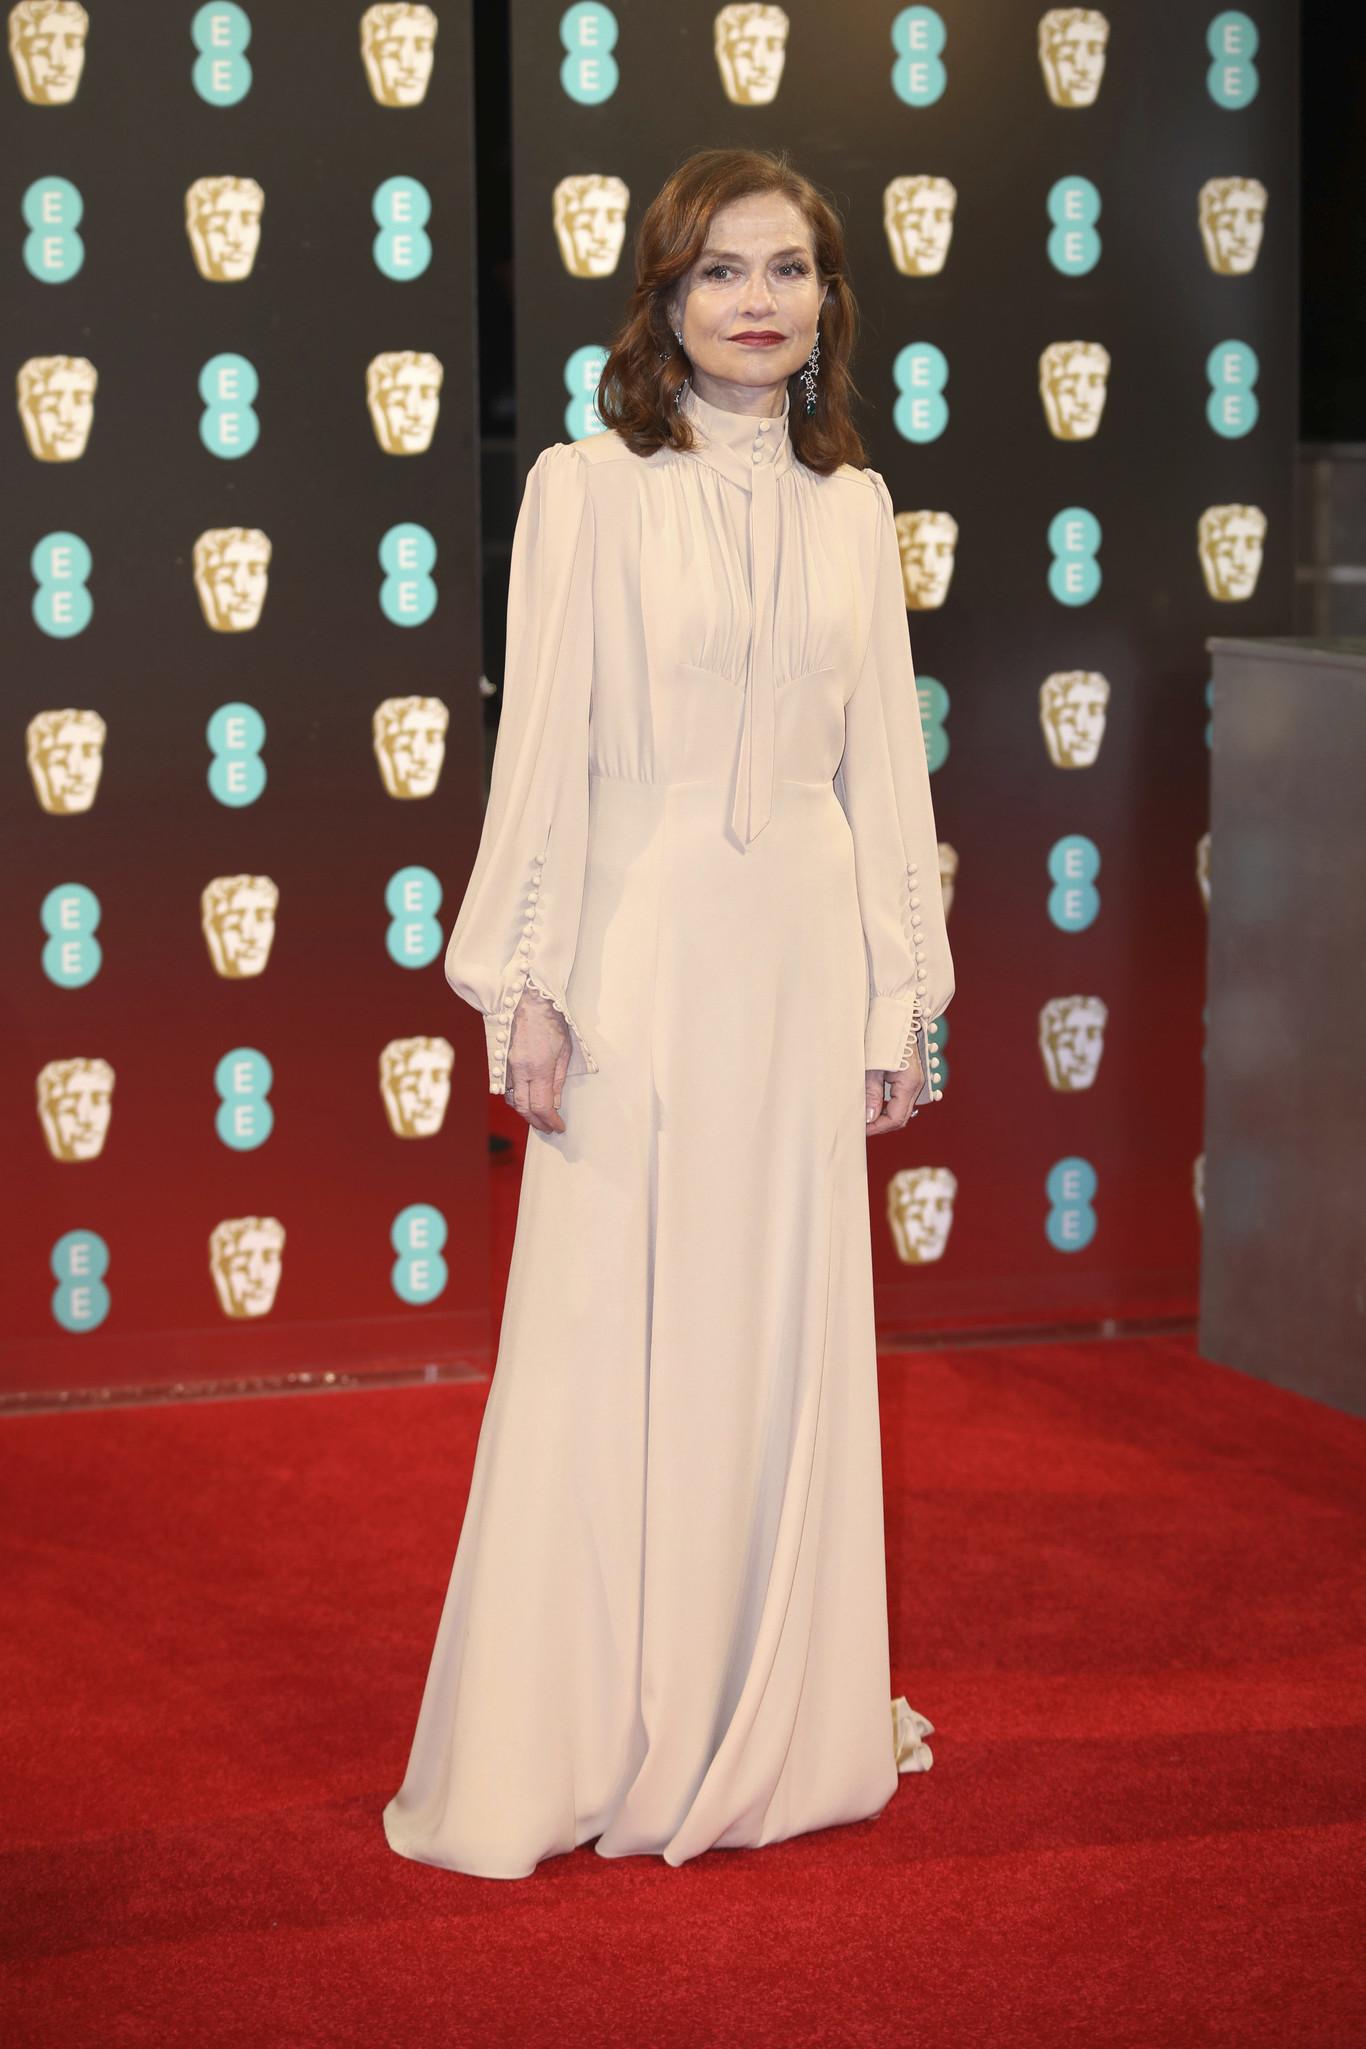 Isabelle Huppert - halvány Chloé ruhában.